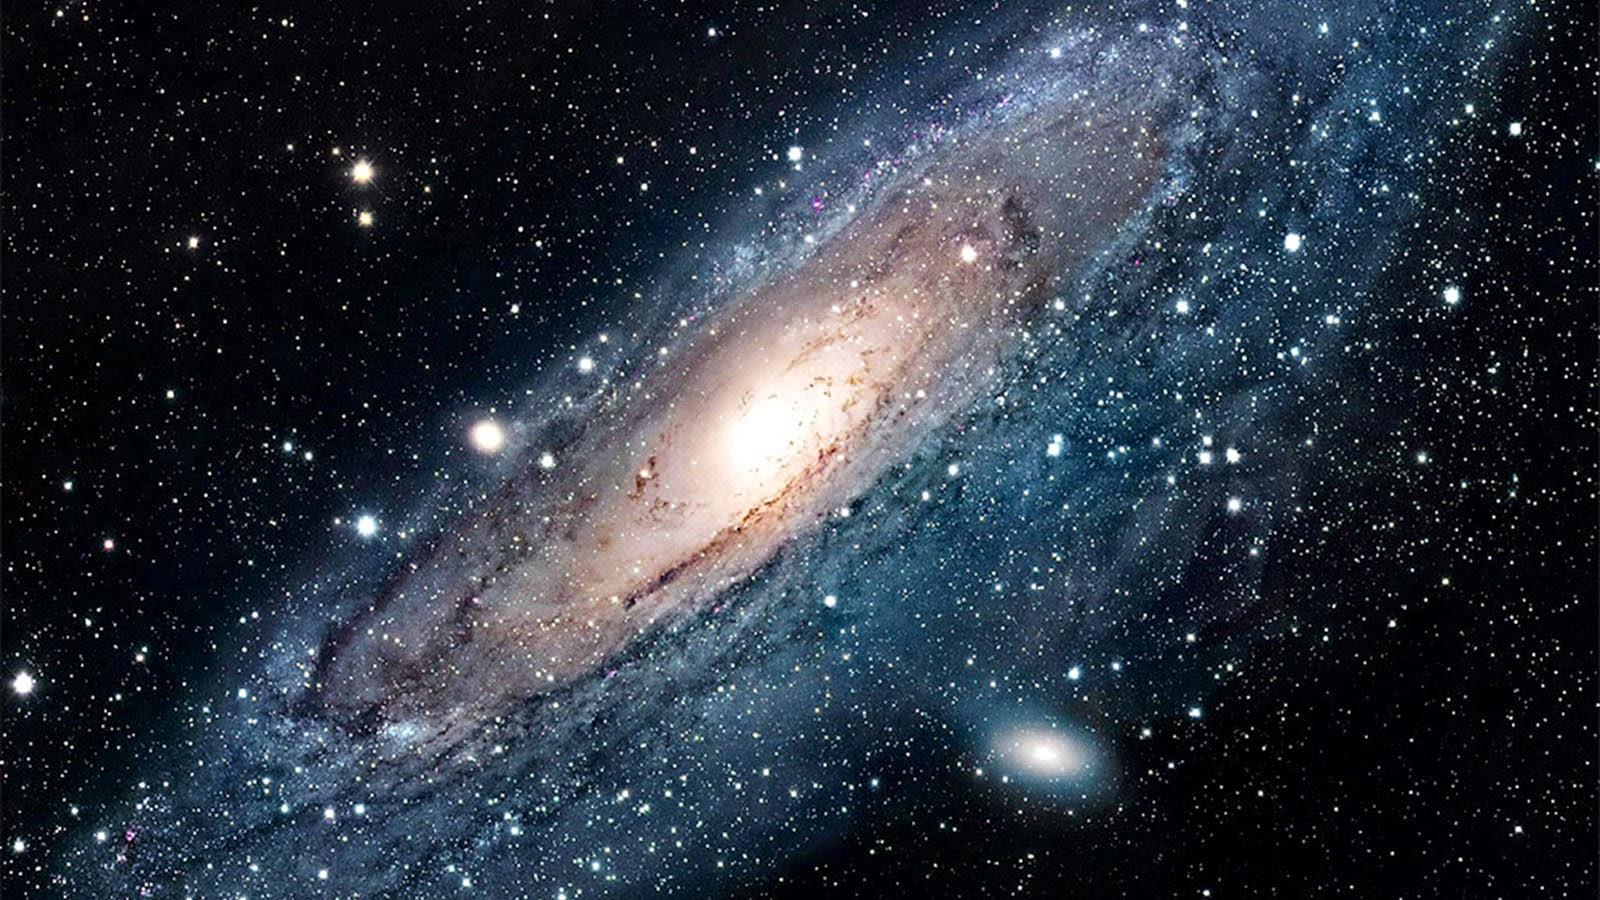 Universe Galaxy Wallpaper HD Desktop - Best Cool Wallpaper Collections